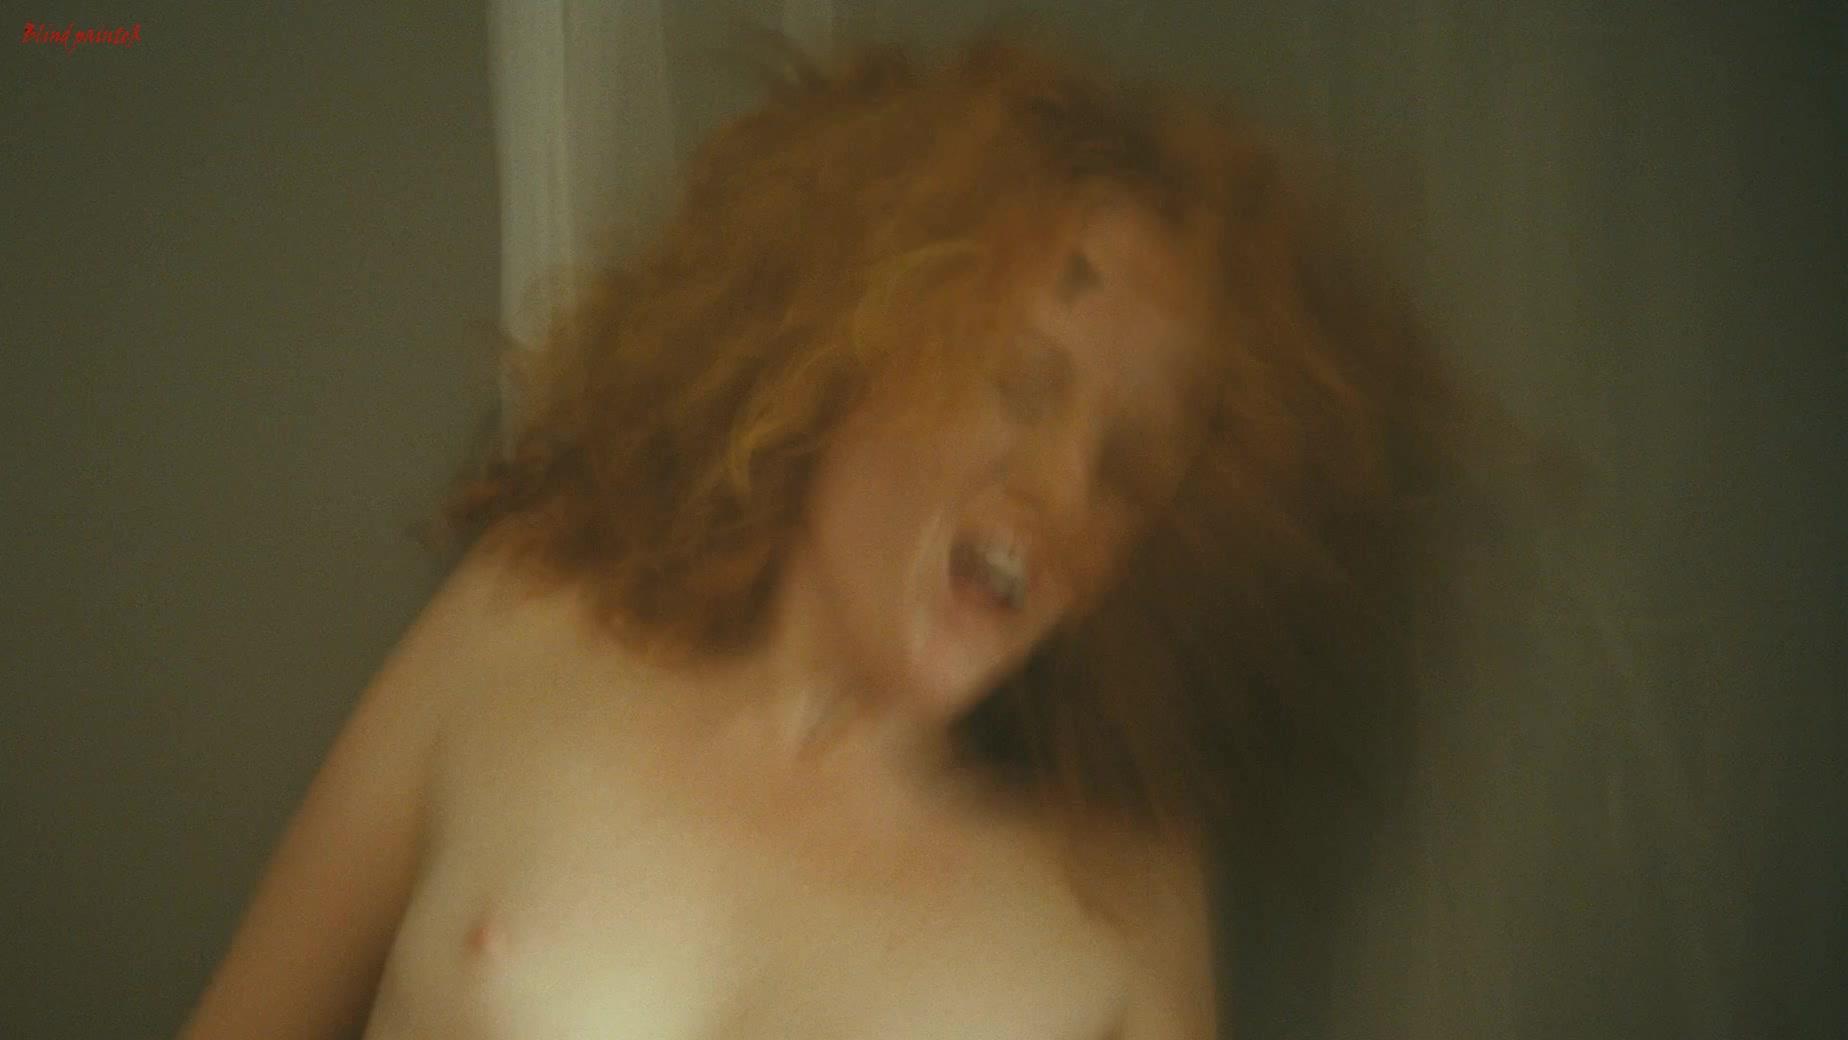 Nude women standing up